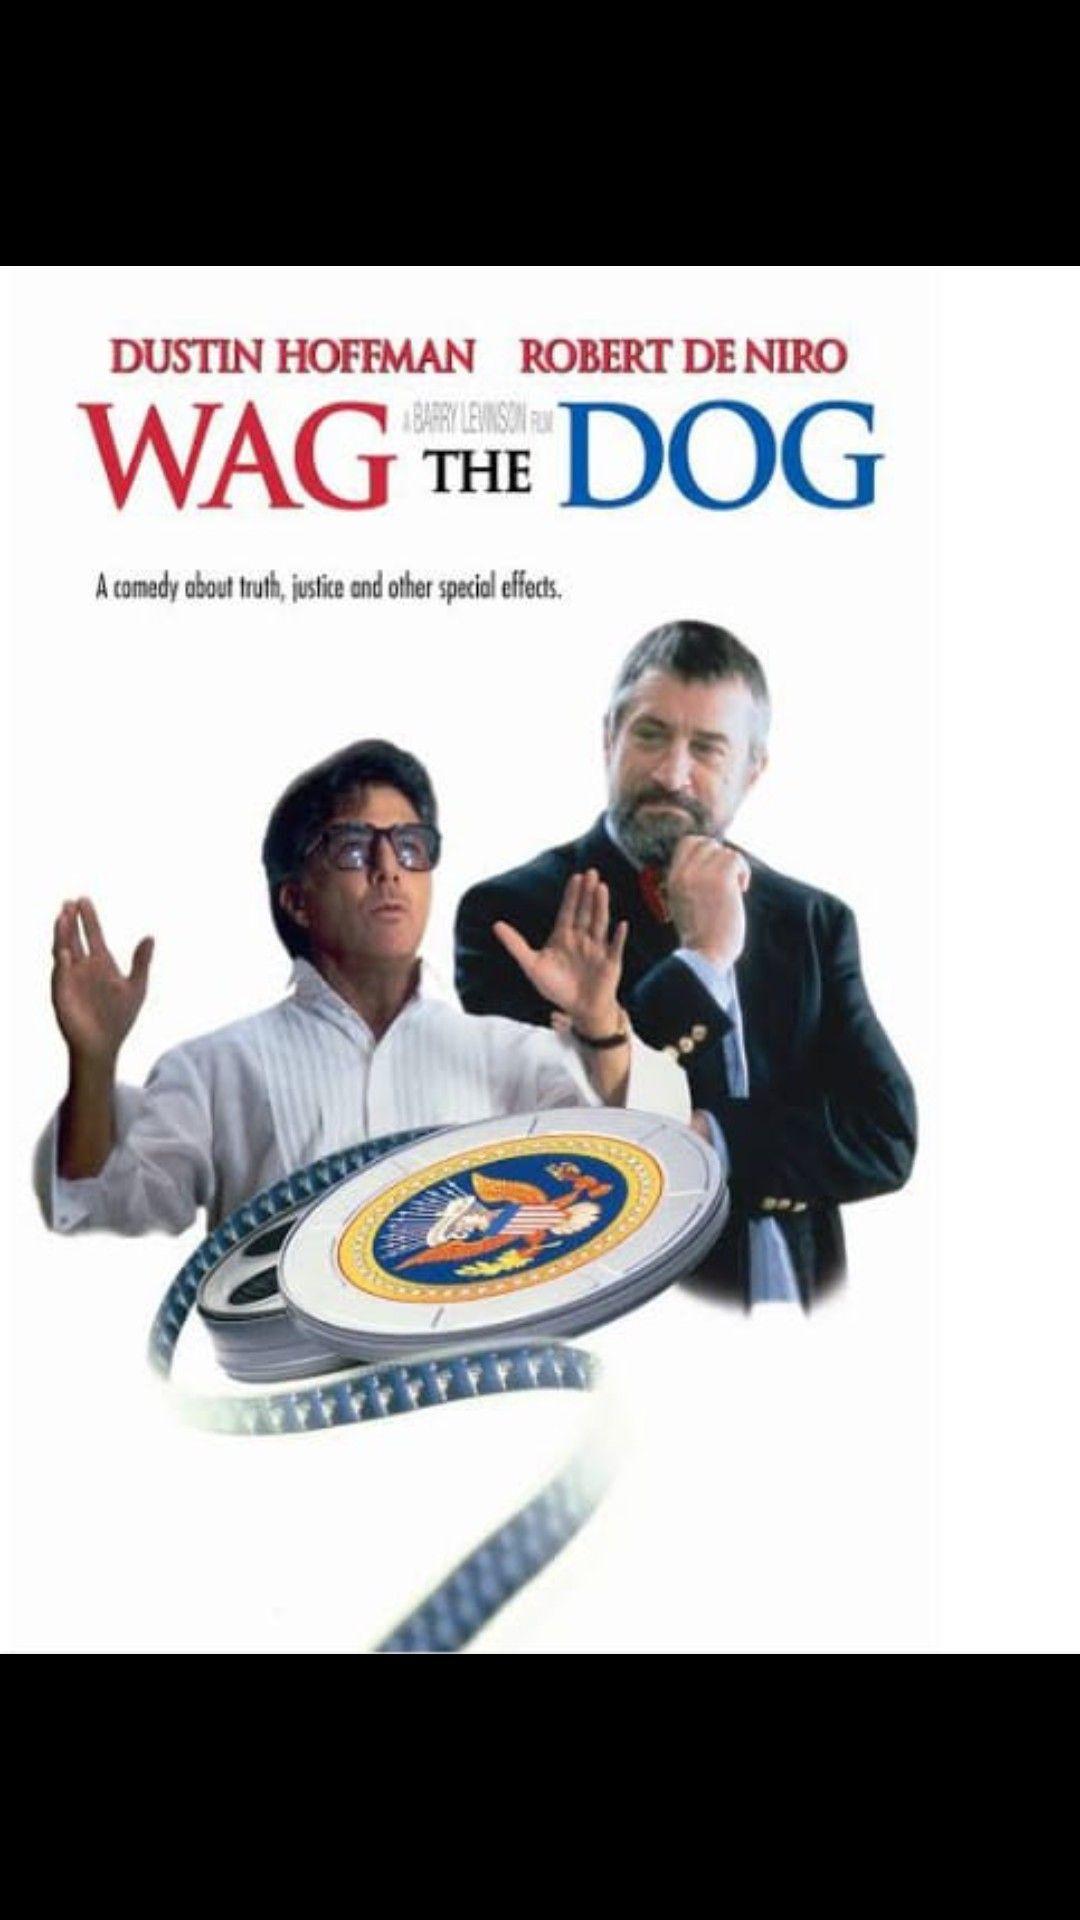 Wag The Dog (Başkanın Admları ) 1997 yapımı komedi film